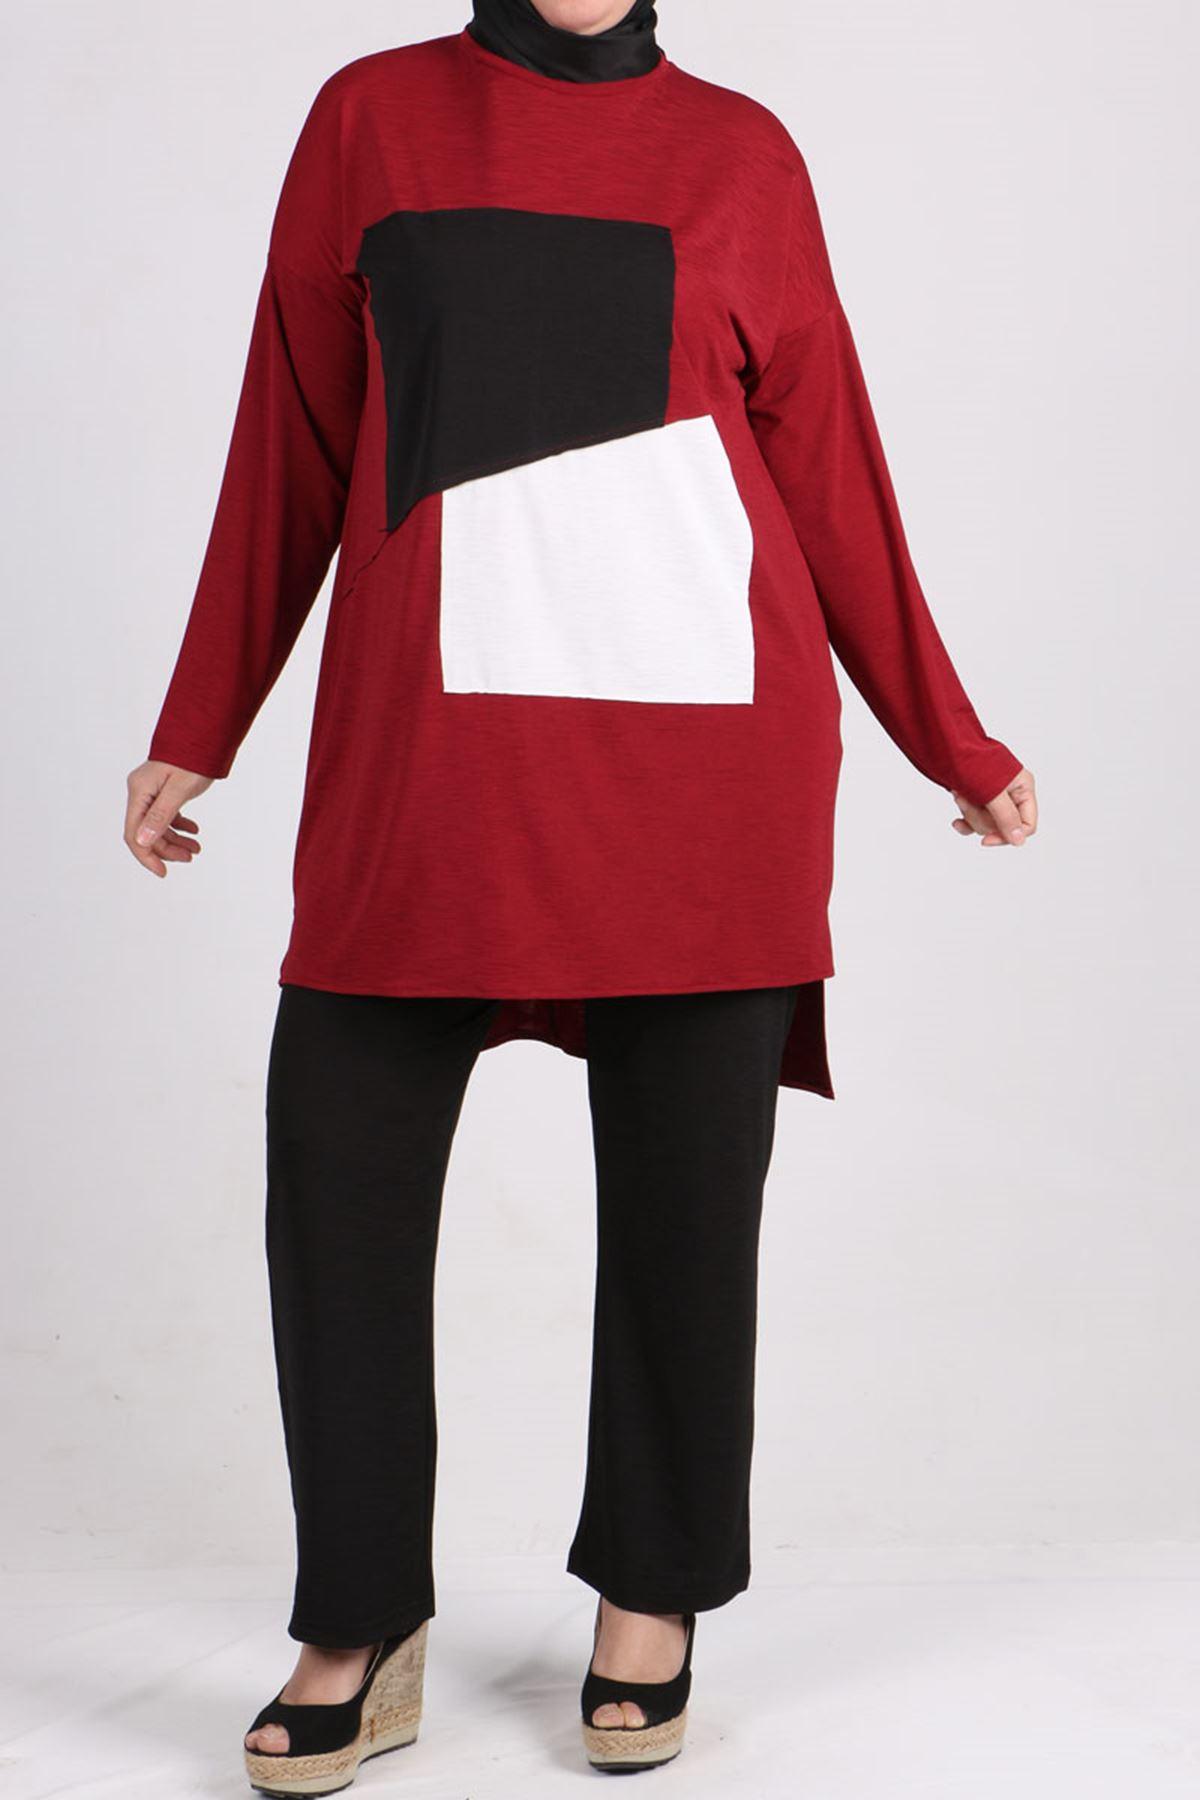 7696 Büyük Beden Renk Kombinli Mina Pantalonlu Takım  Bordo-Siyah